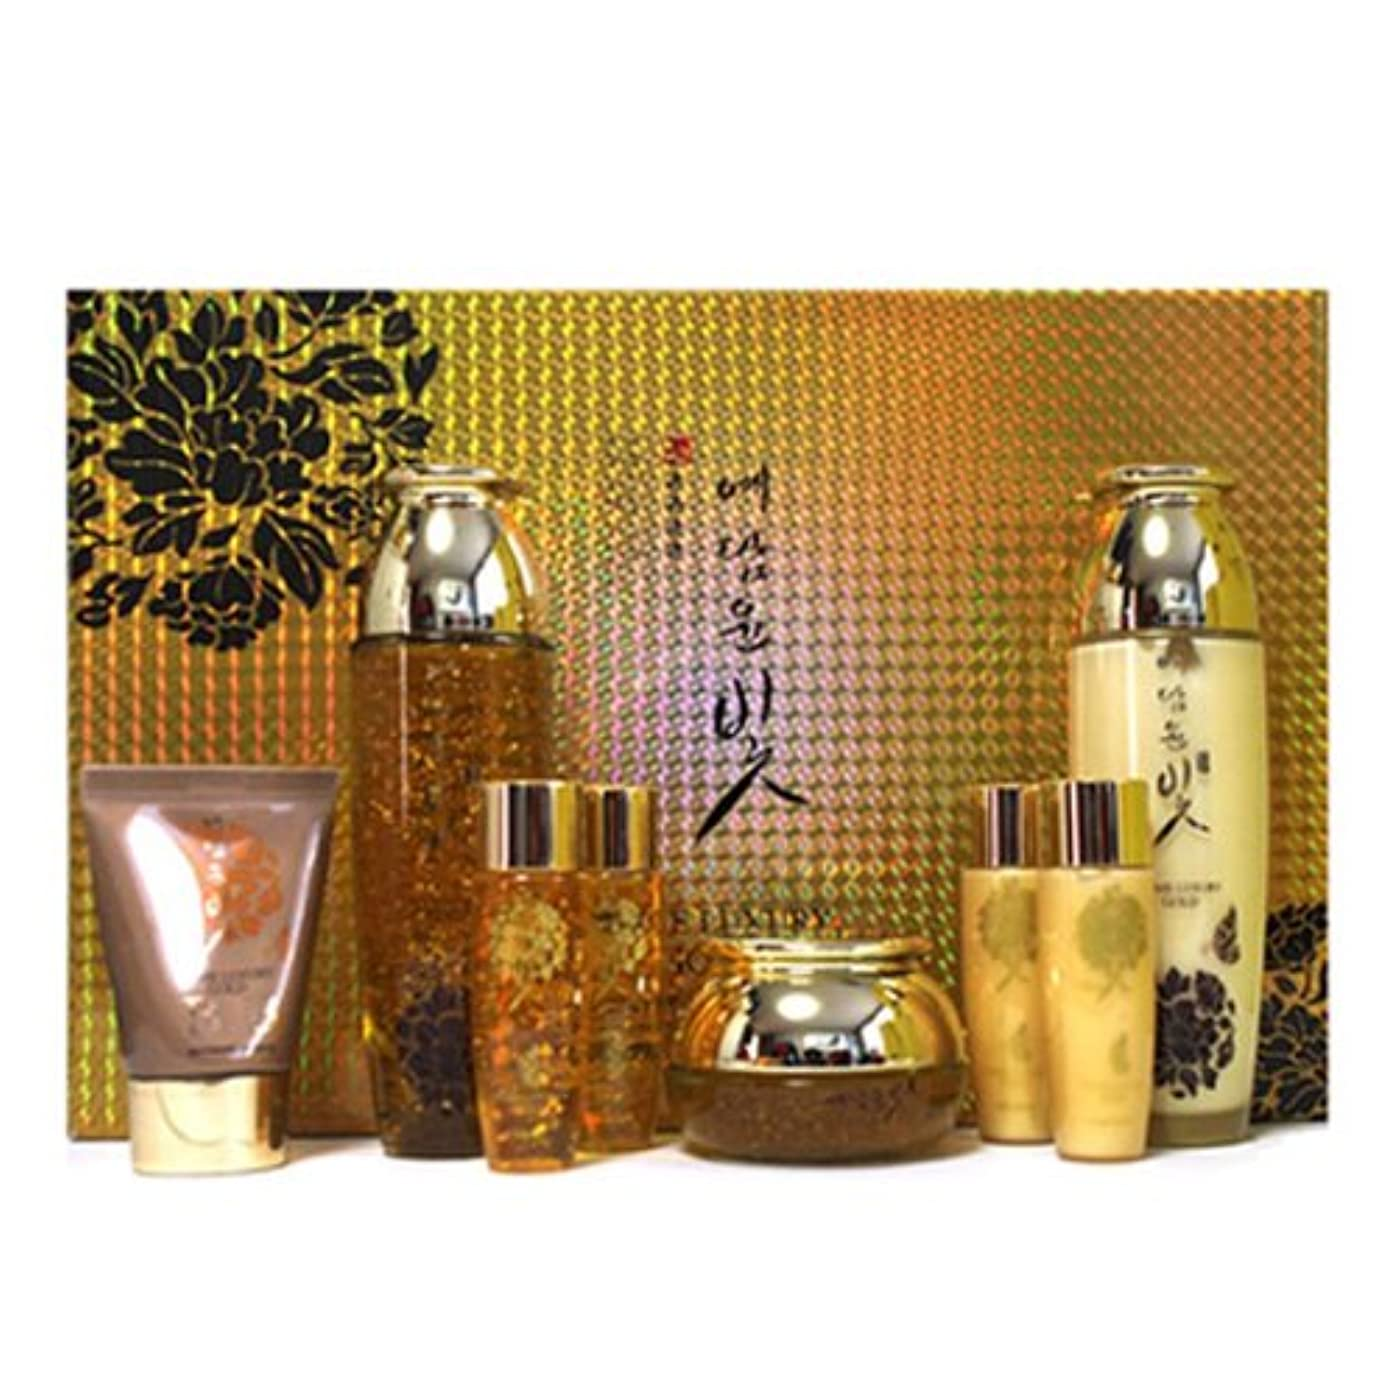 変動する殉教者ビルマイェダムユンビト[韓国コスメYedam Yun Bit]Prime Luxury Gold Skin Care Set プライムラグジュアリーゴールドスキンケア4セット 樹液 乳液 クリーム/ BBクリーム [並行輸入品]